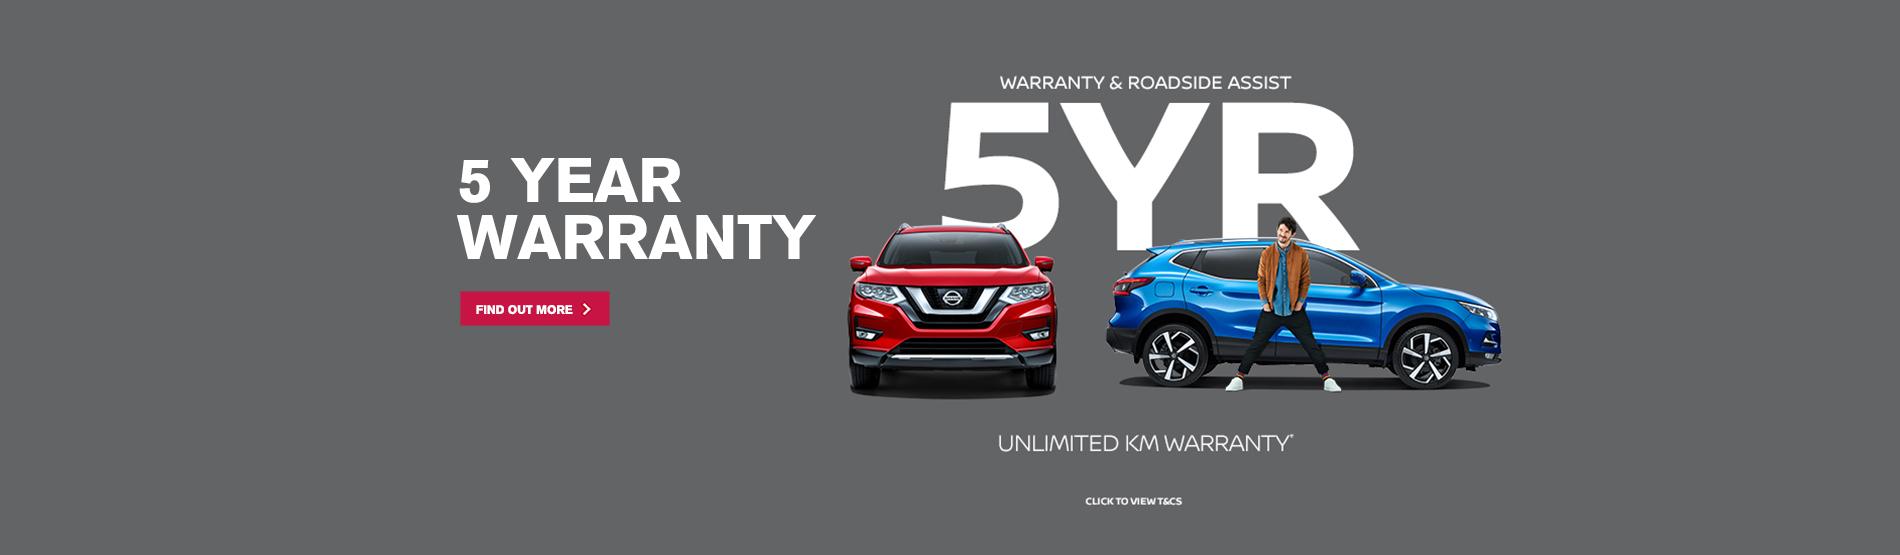 Nissan-HBP-5YR-Warranty